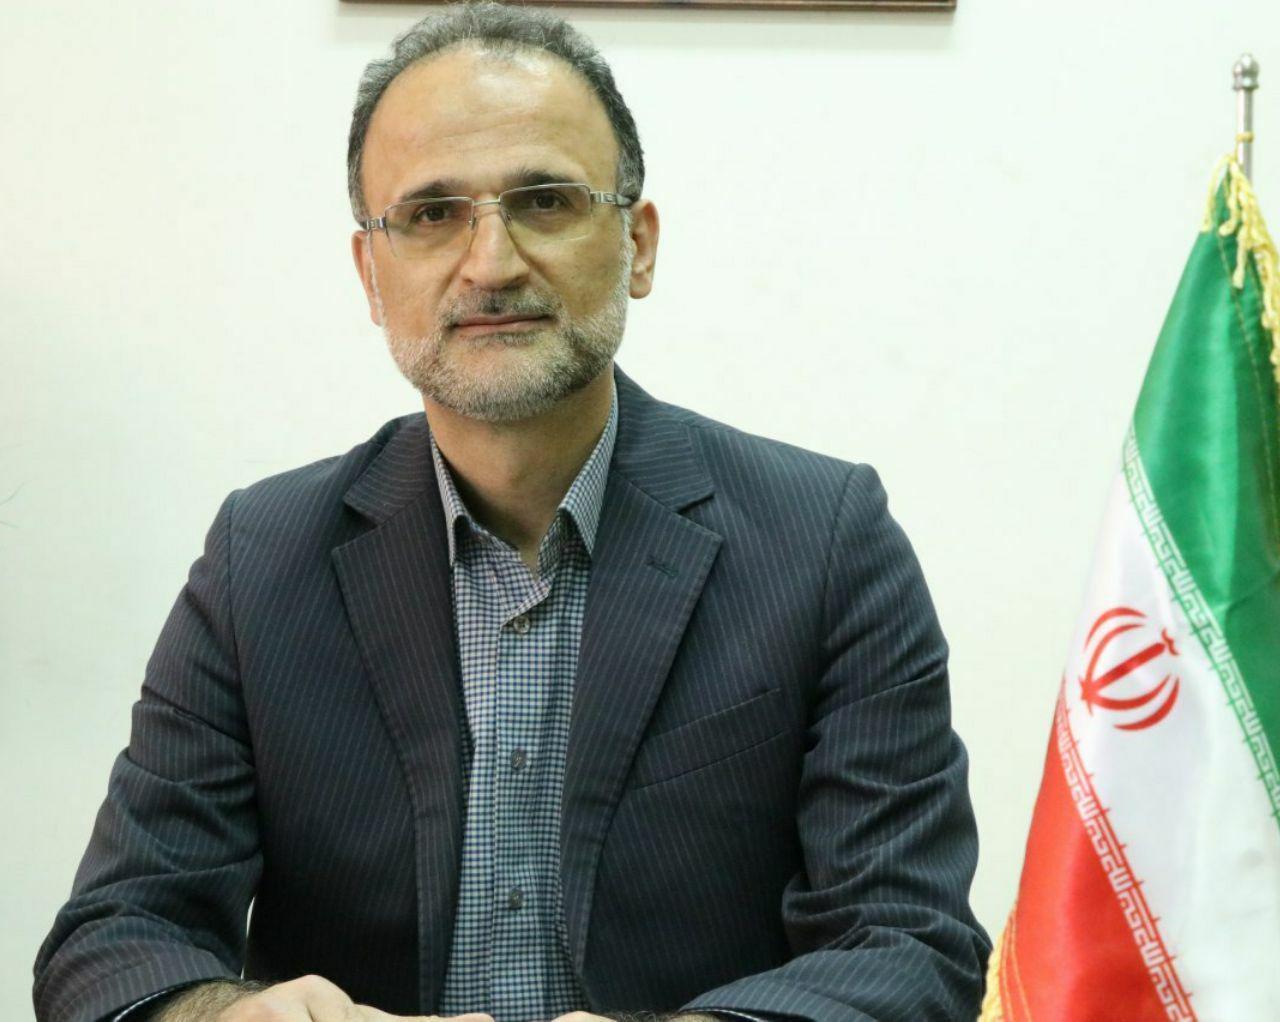 مجید هاشم پور سرپرست حوزه استاندار گیلان شد